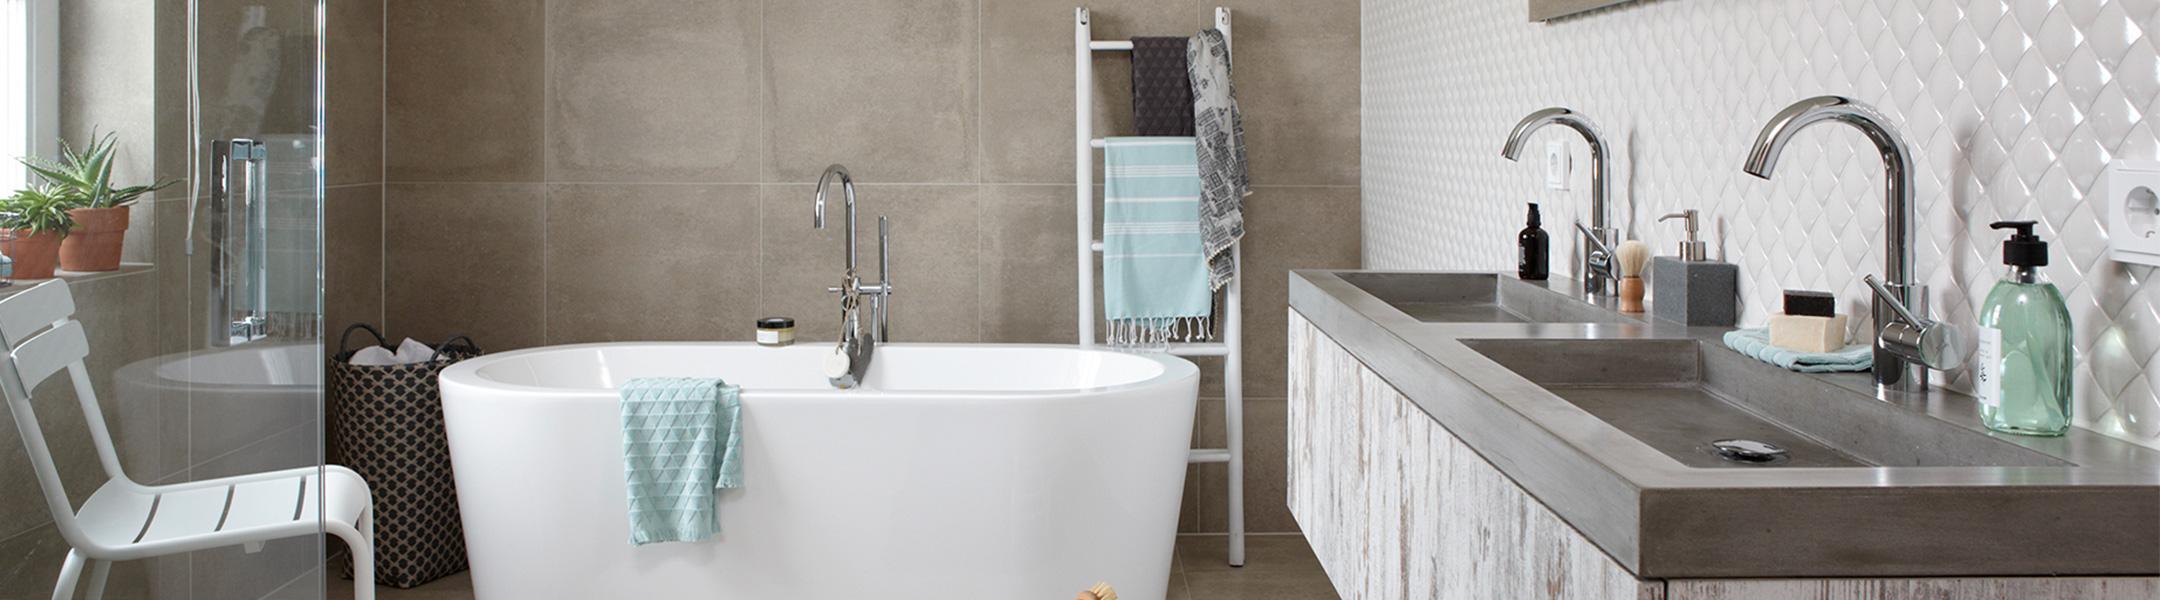 Vrijstaand bad - complete badkamer - BadkamerID